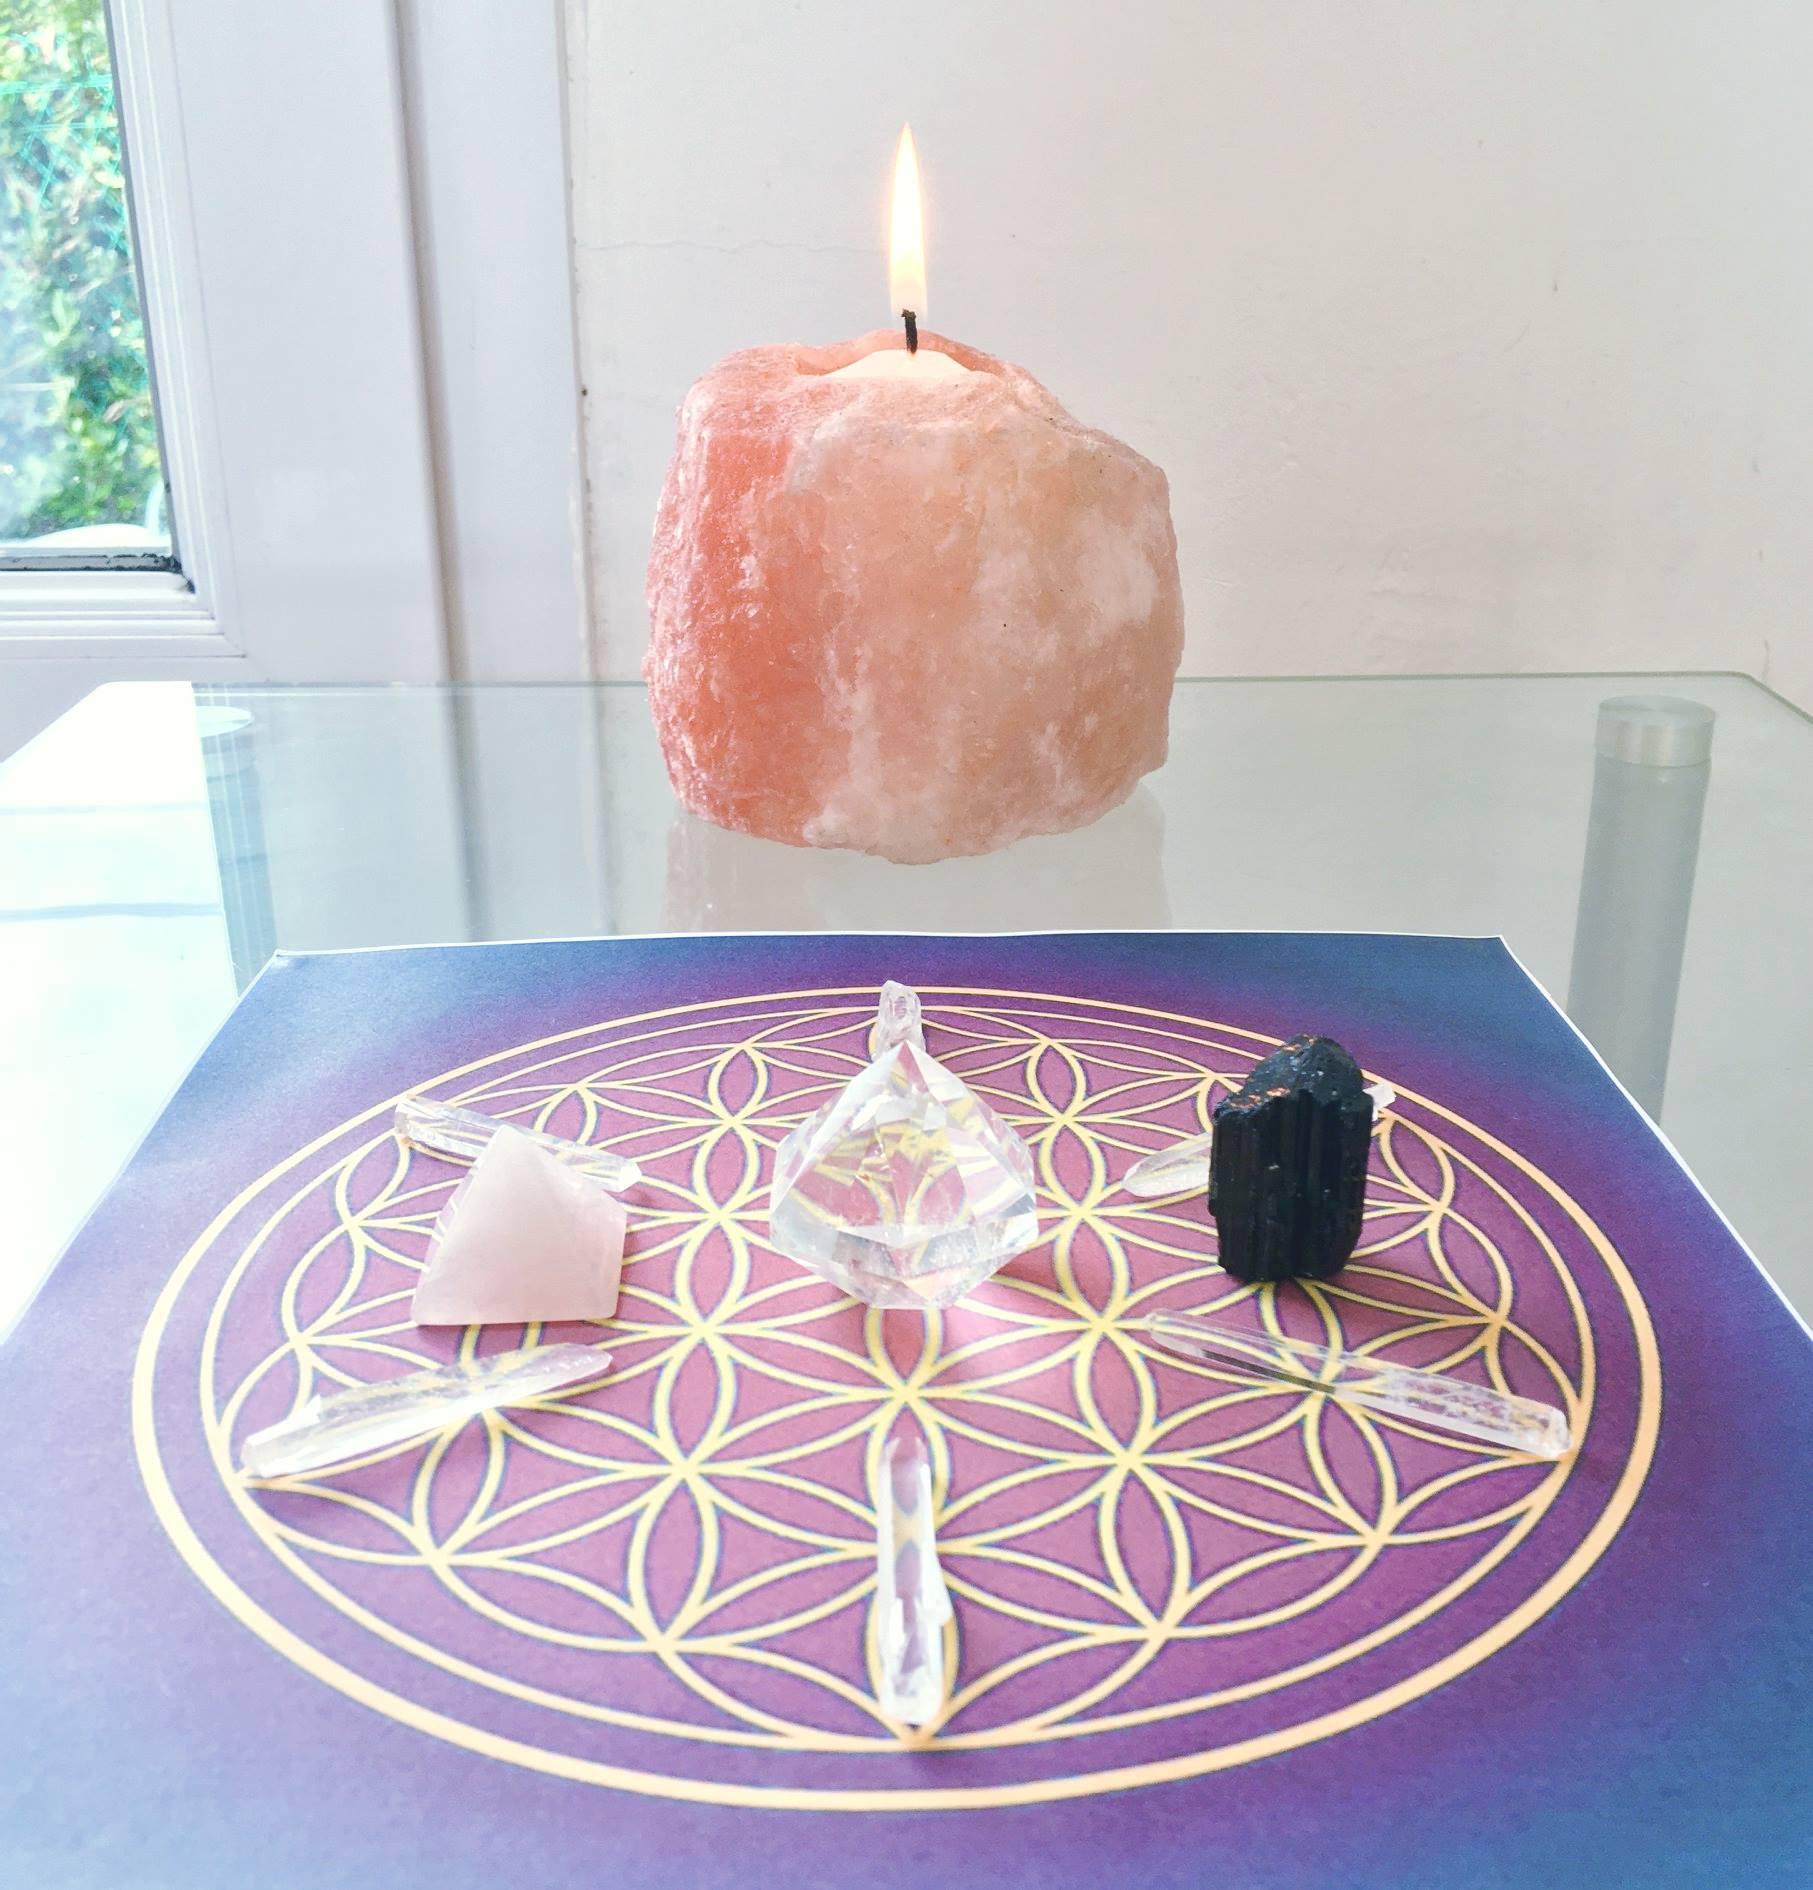 LITHOTHERAPIE - La Lithothérapie est une médecine douce visant à re-connecter une personne à son potentiel de pleine santé à travers l'utilisation de cristaux et de pierres précieuses et semi-précieuses. Les cristaux sont des clefs vibratoires nous permettant d'accéder à nos propres potentiels déjà présents en nous.